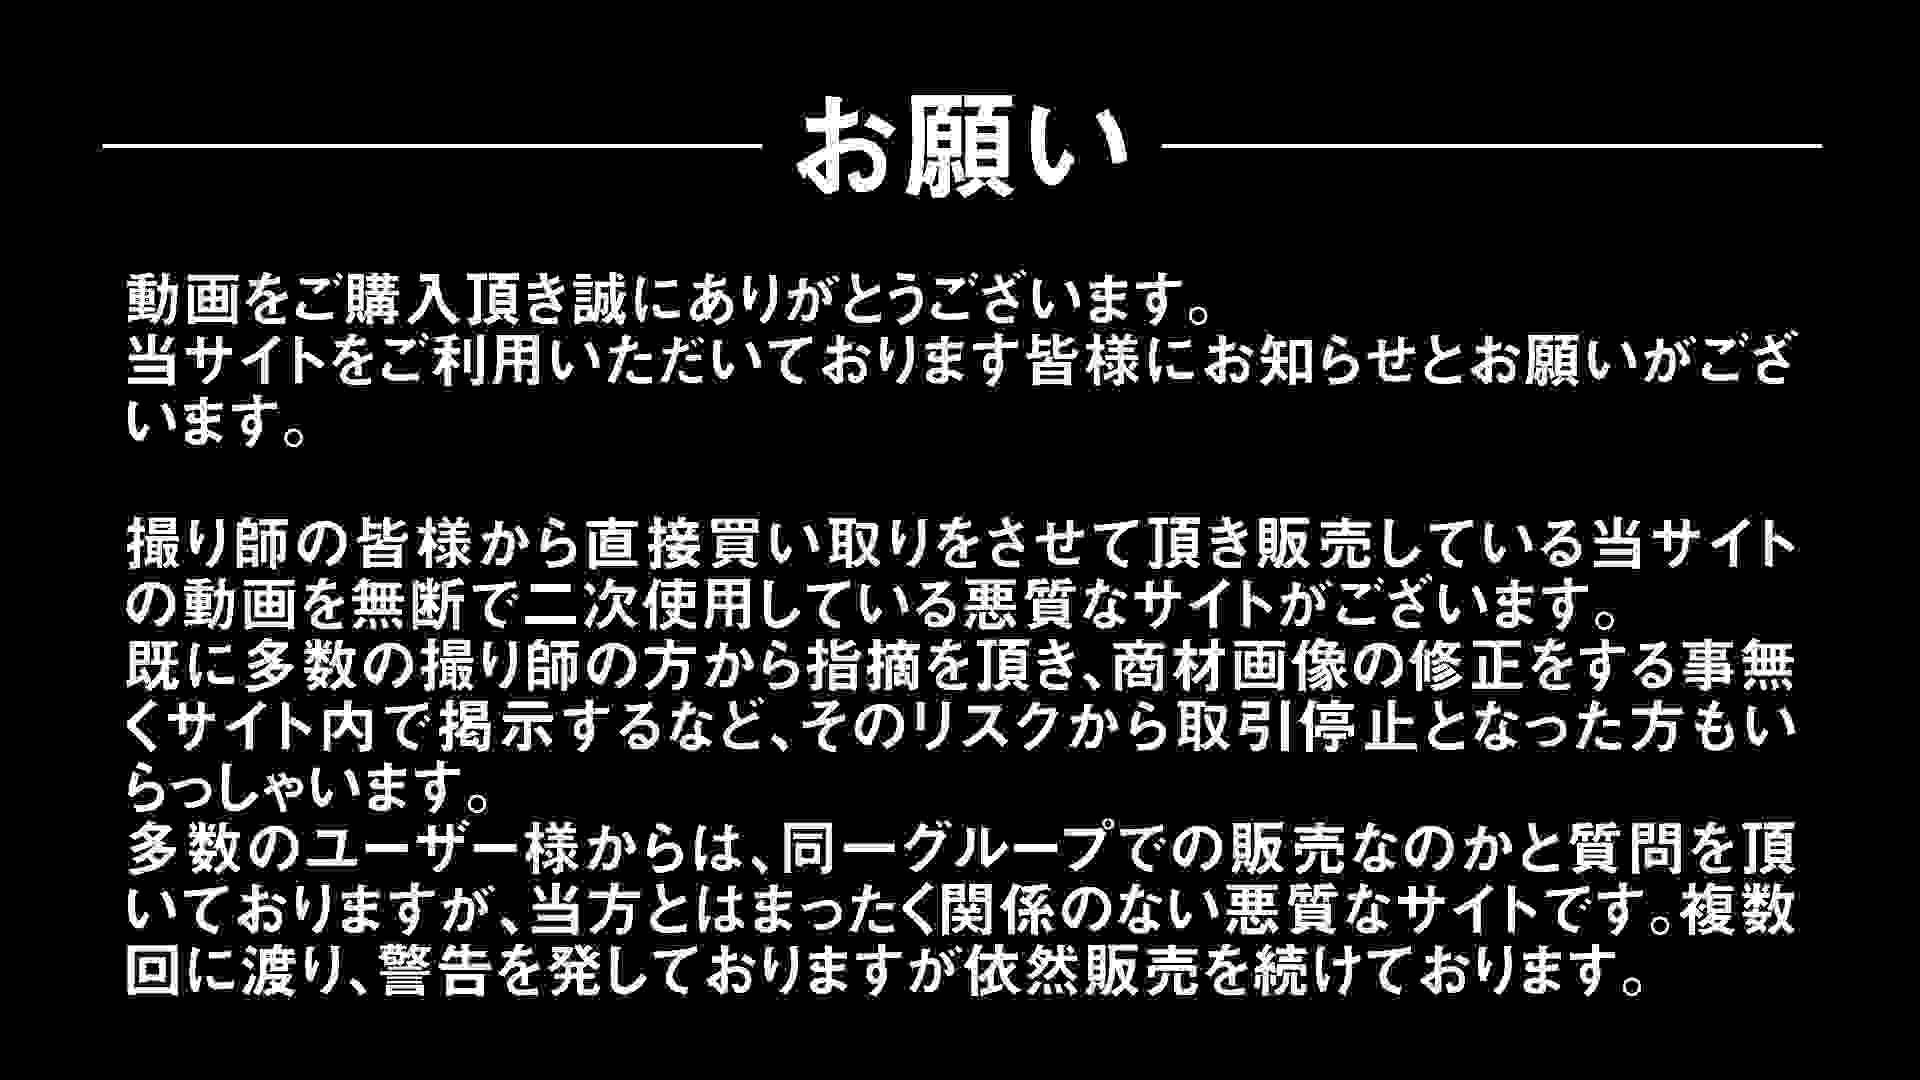 Aquaな露天風呂Vol.296 盗撮シリーズ  102PIX 4